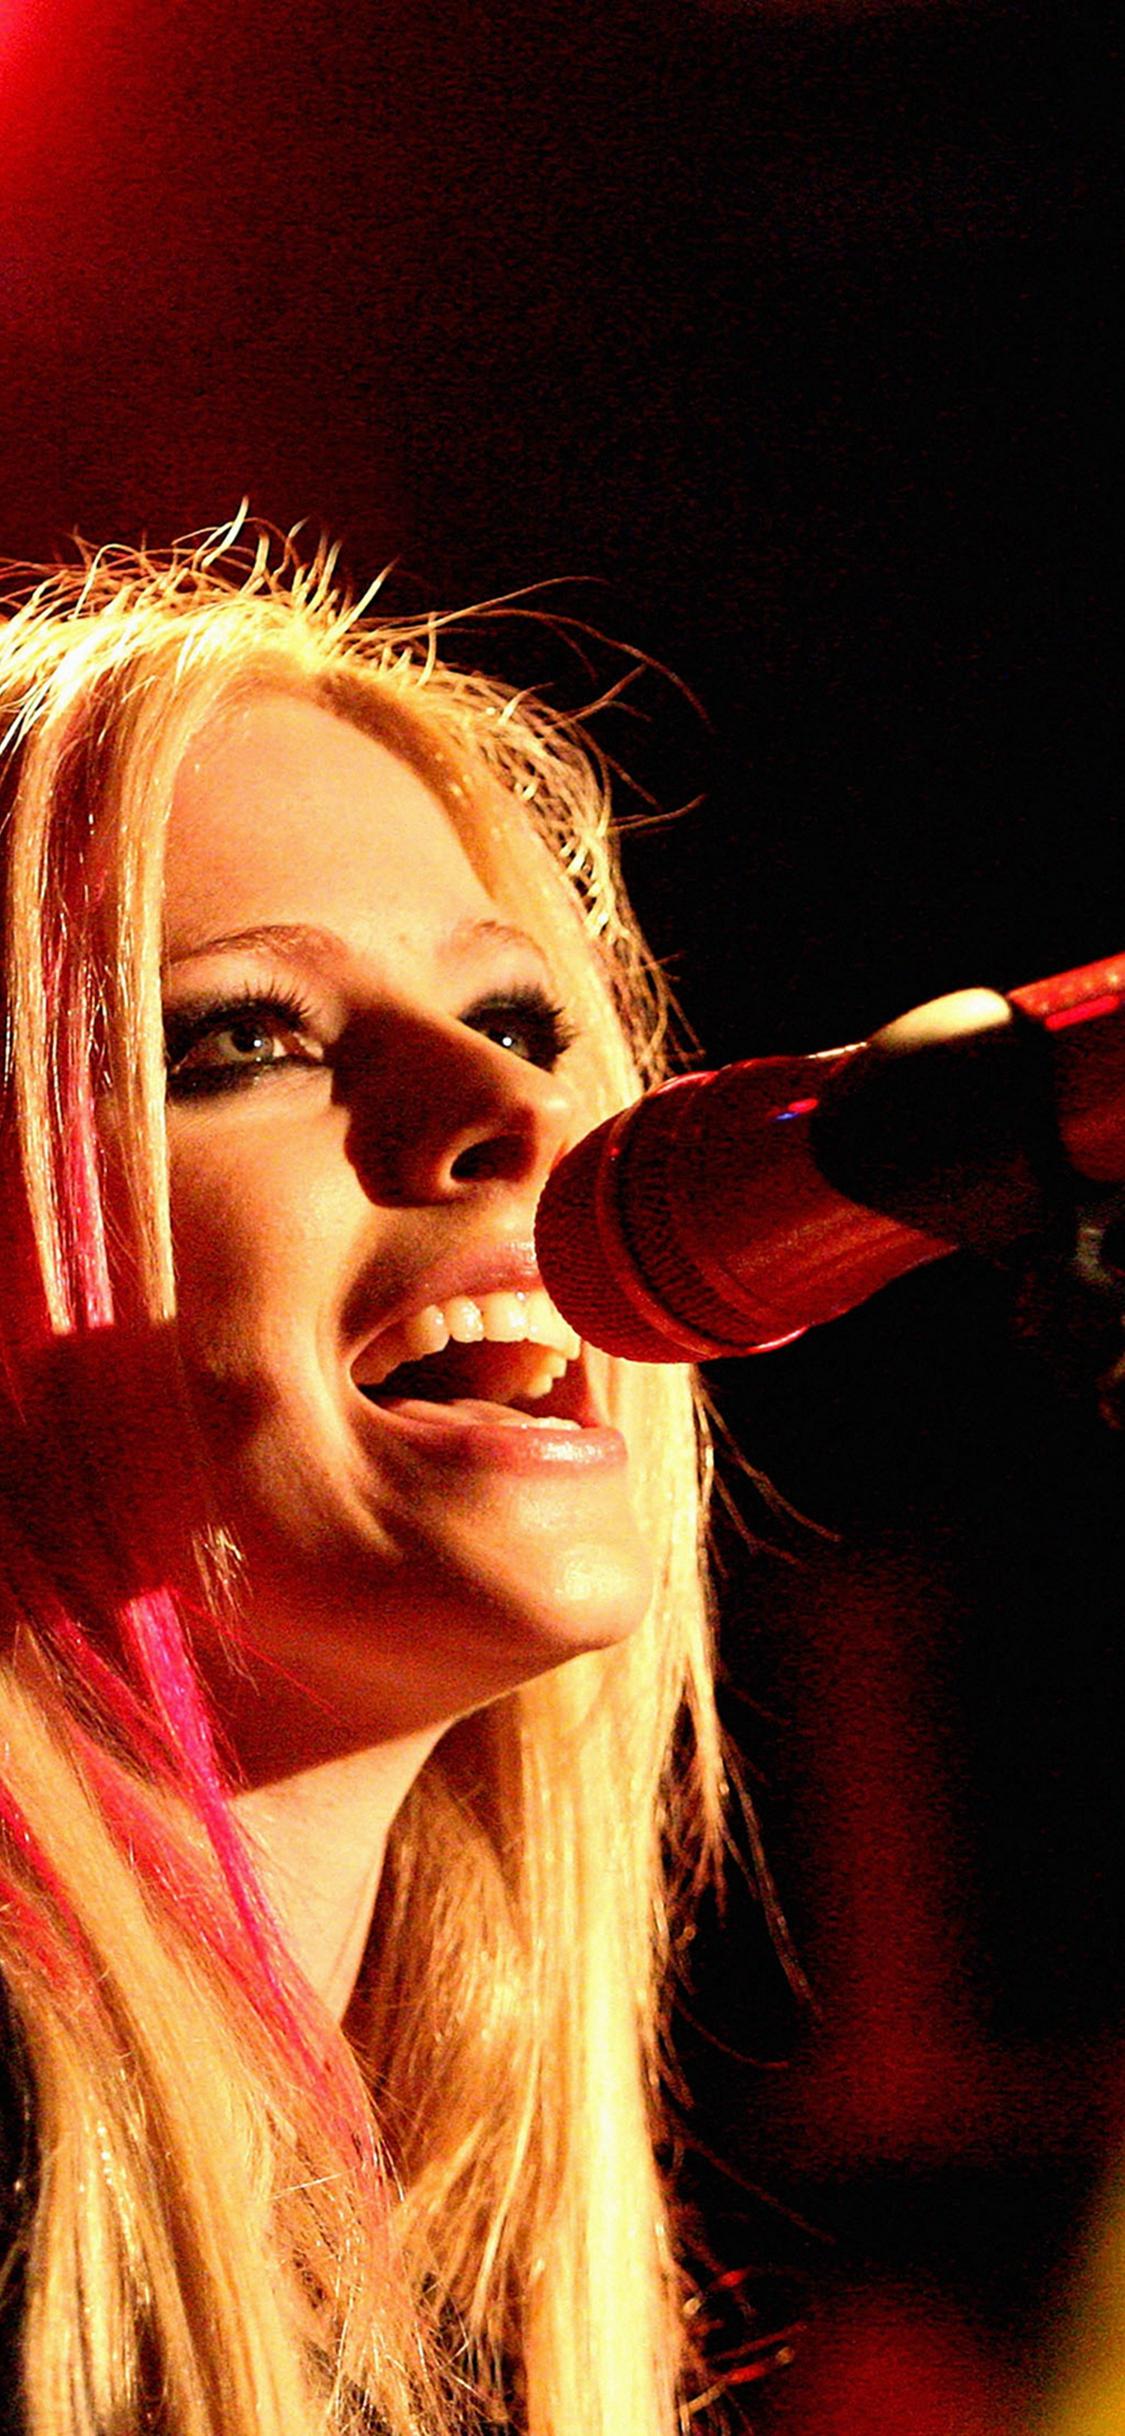 April Lavigne Sing Concert iPhone X wallpaper